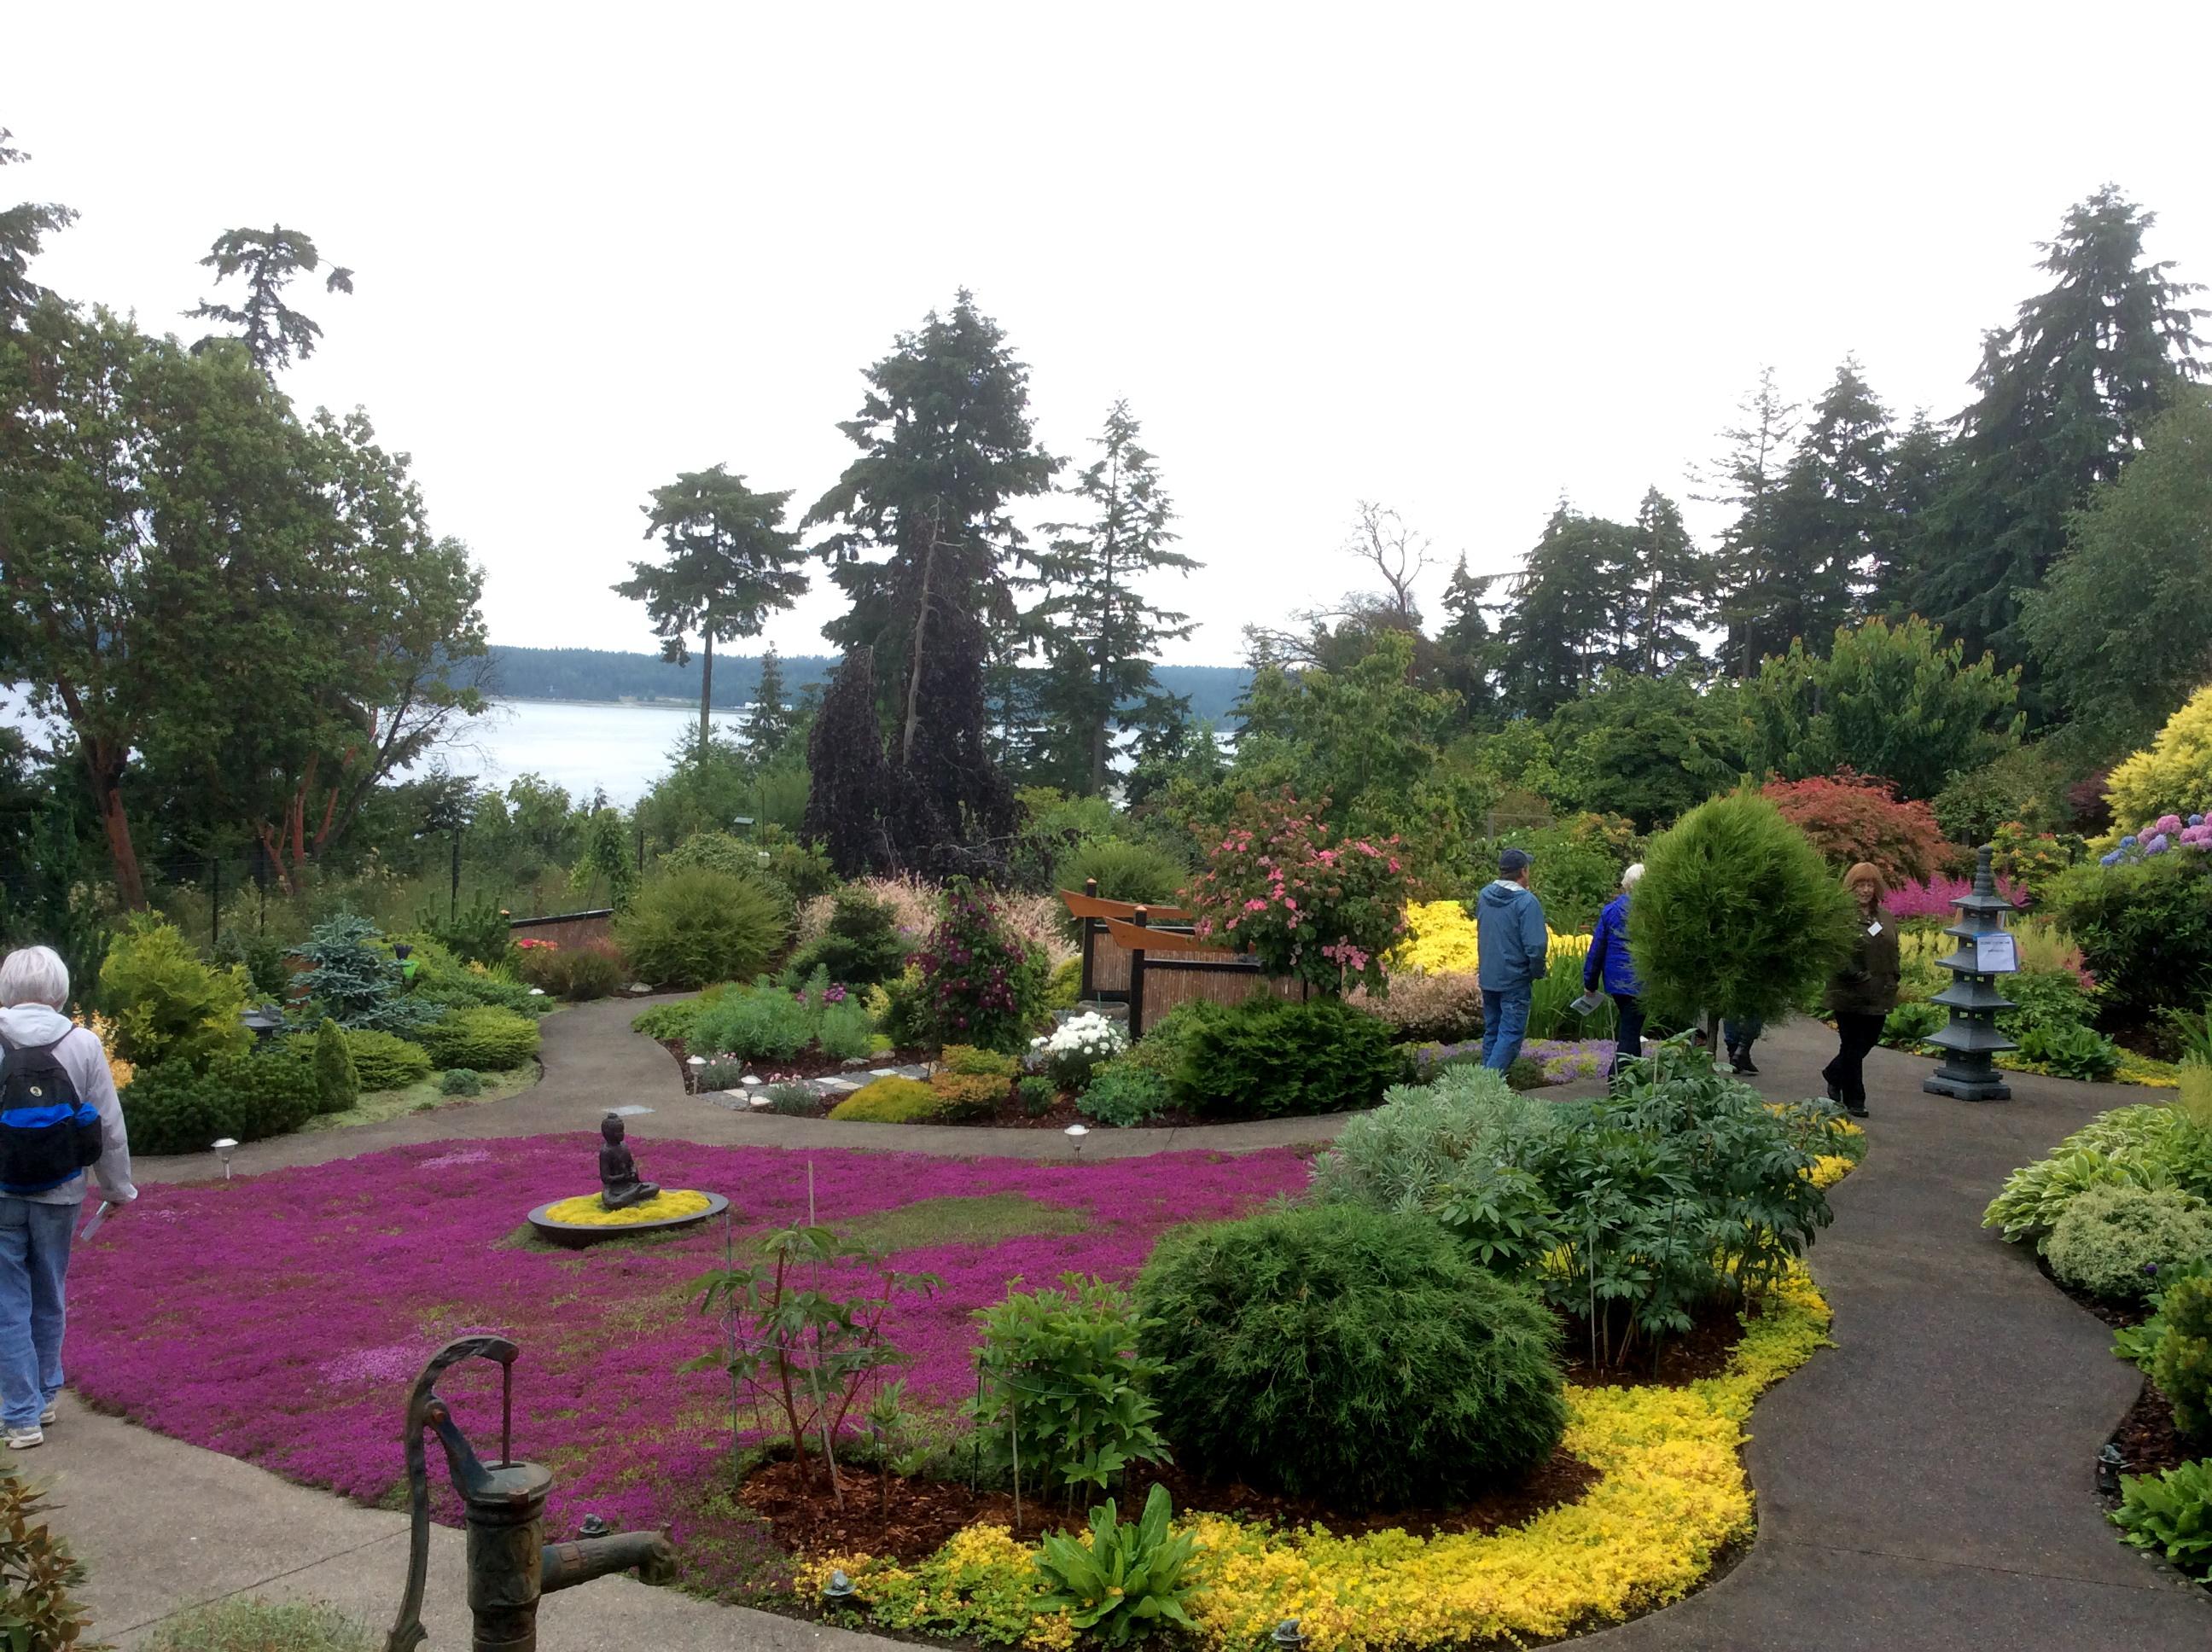 McFrederick Garden